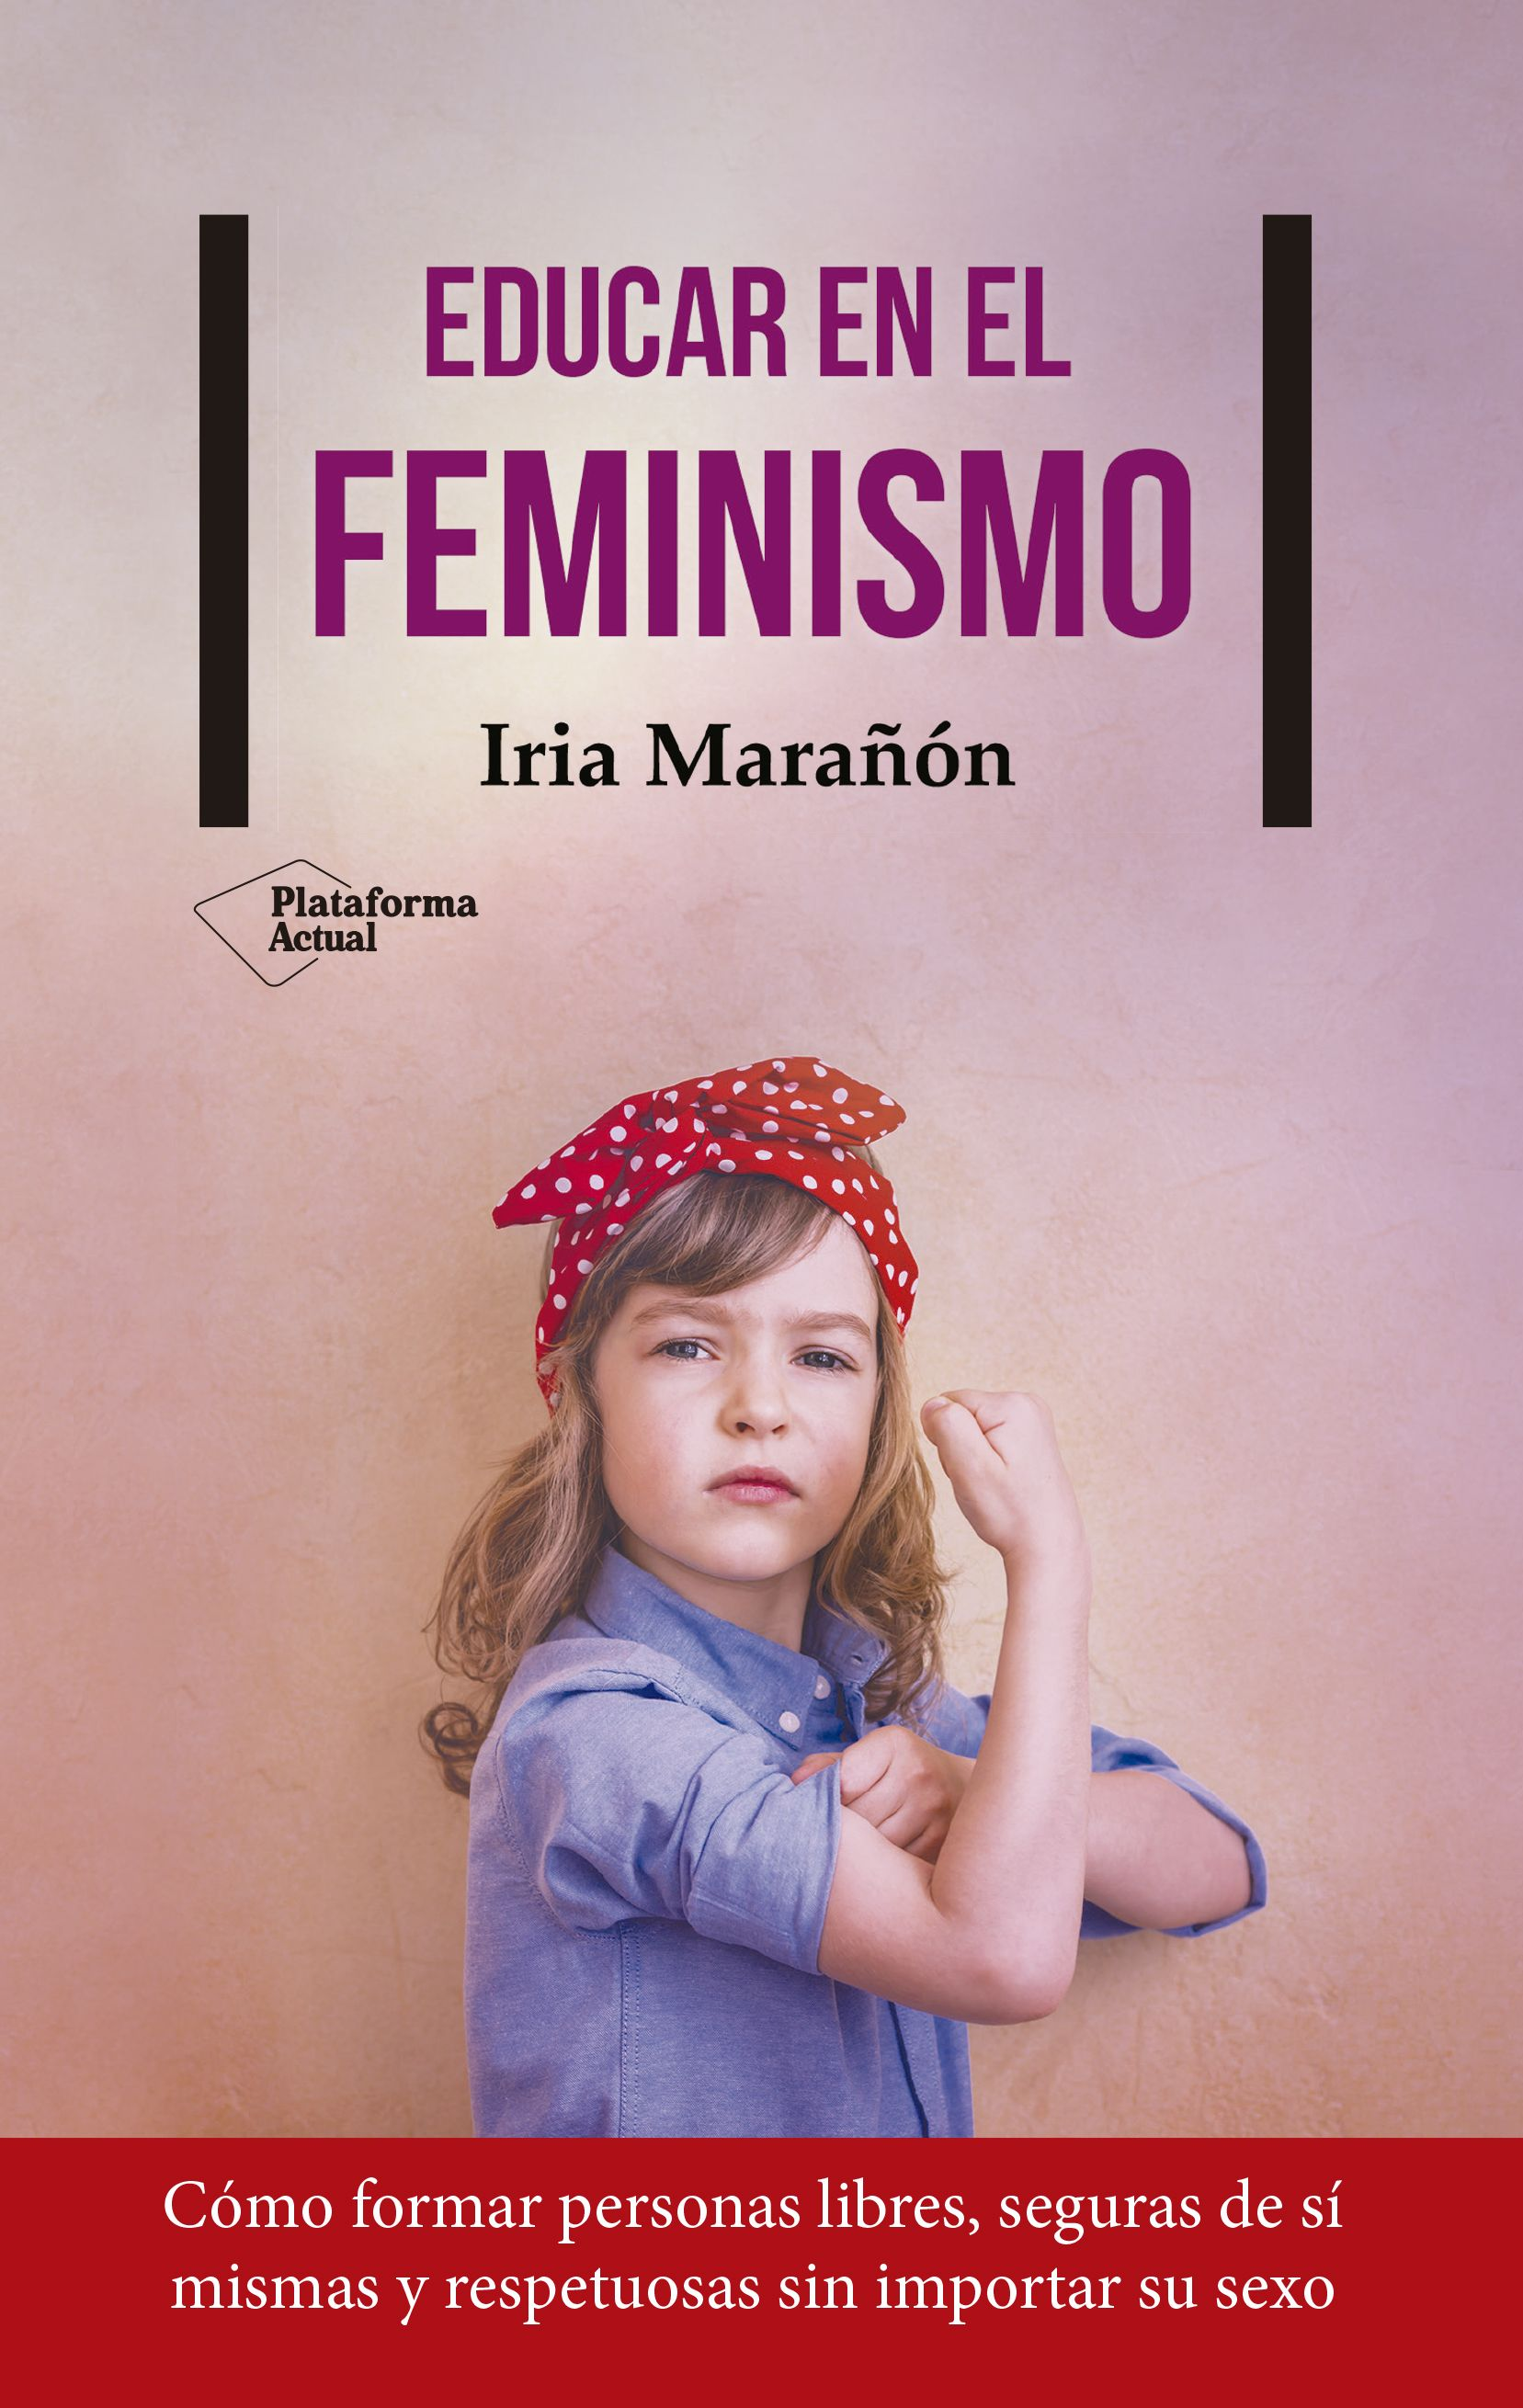 Niños En Y Educar Feminismo Cómo El XuOkZiP